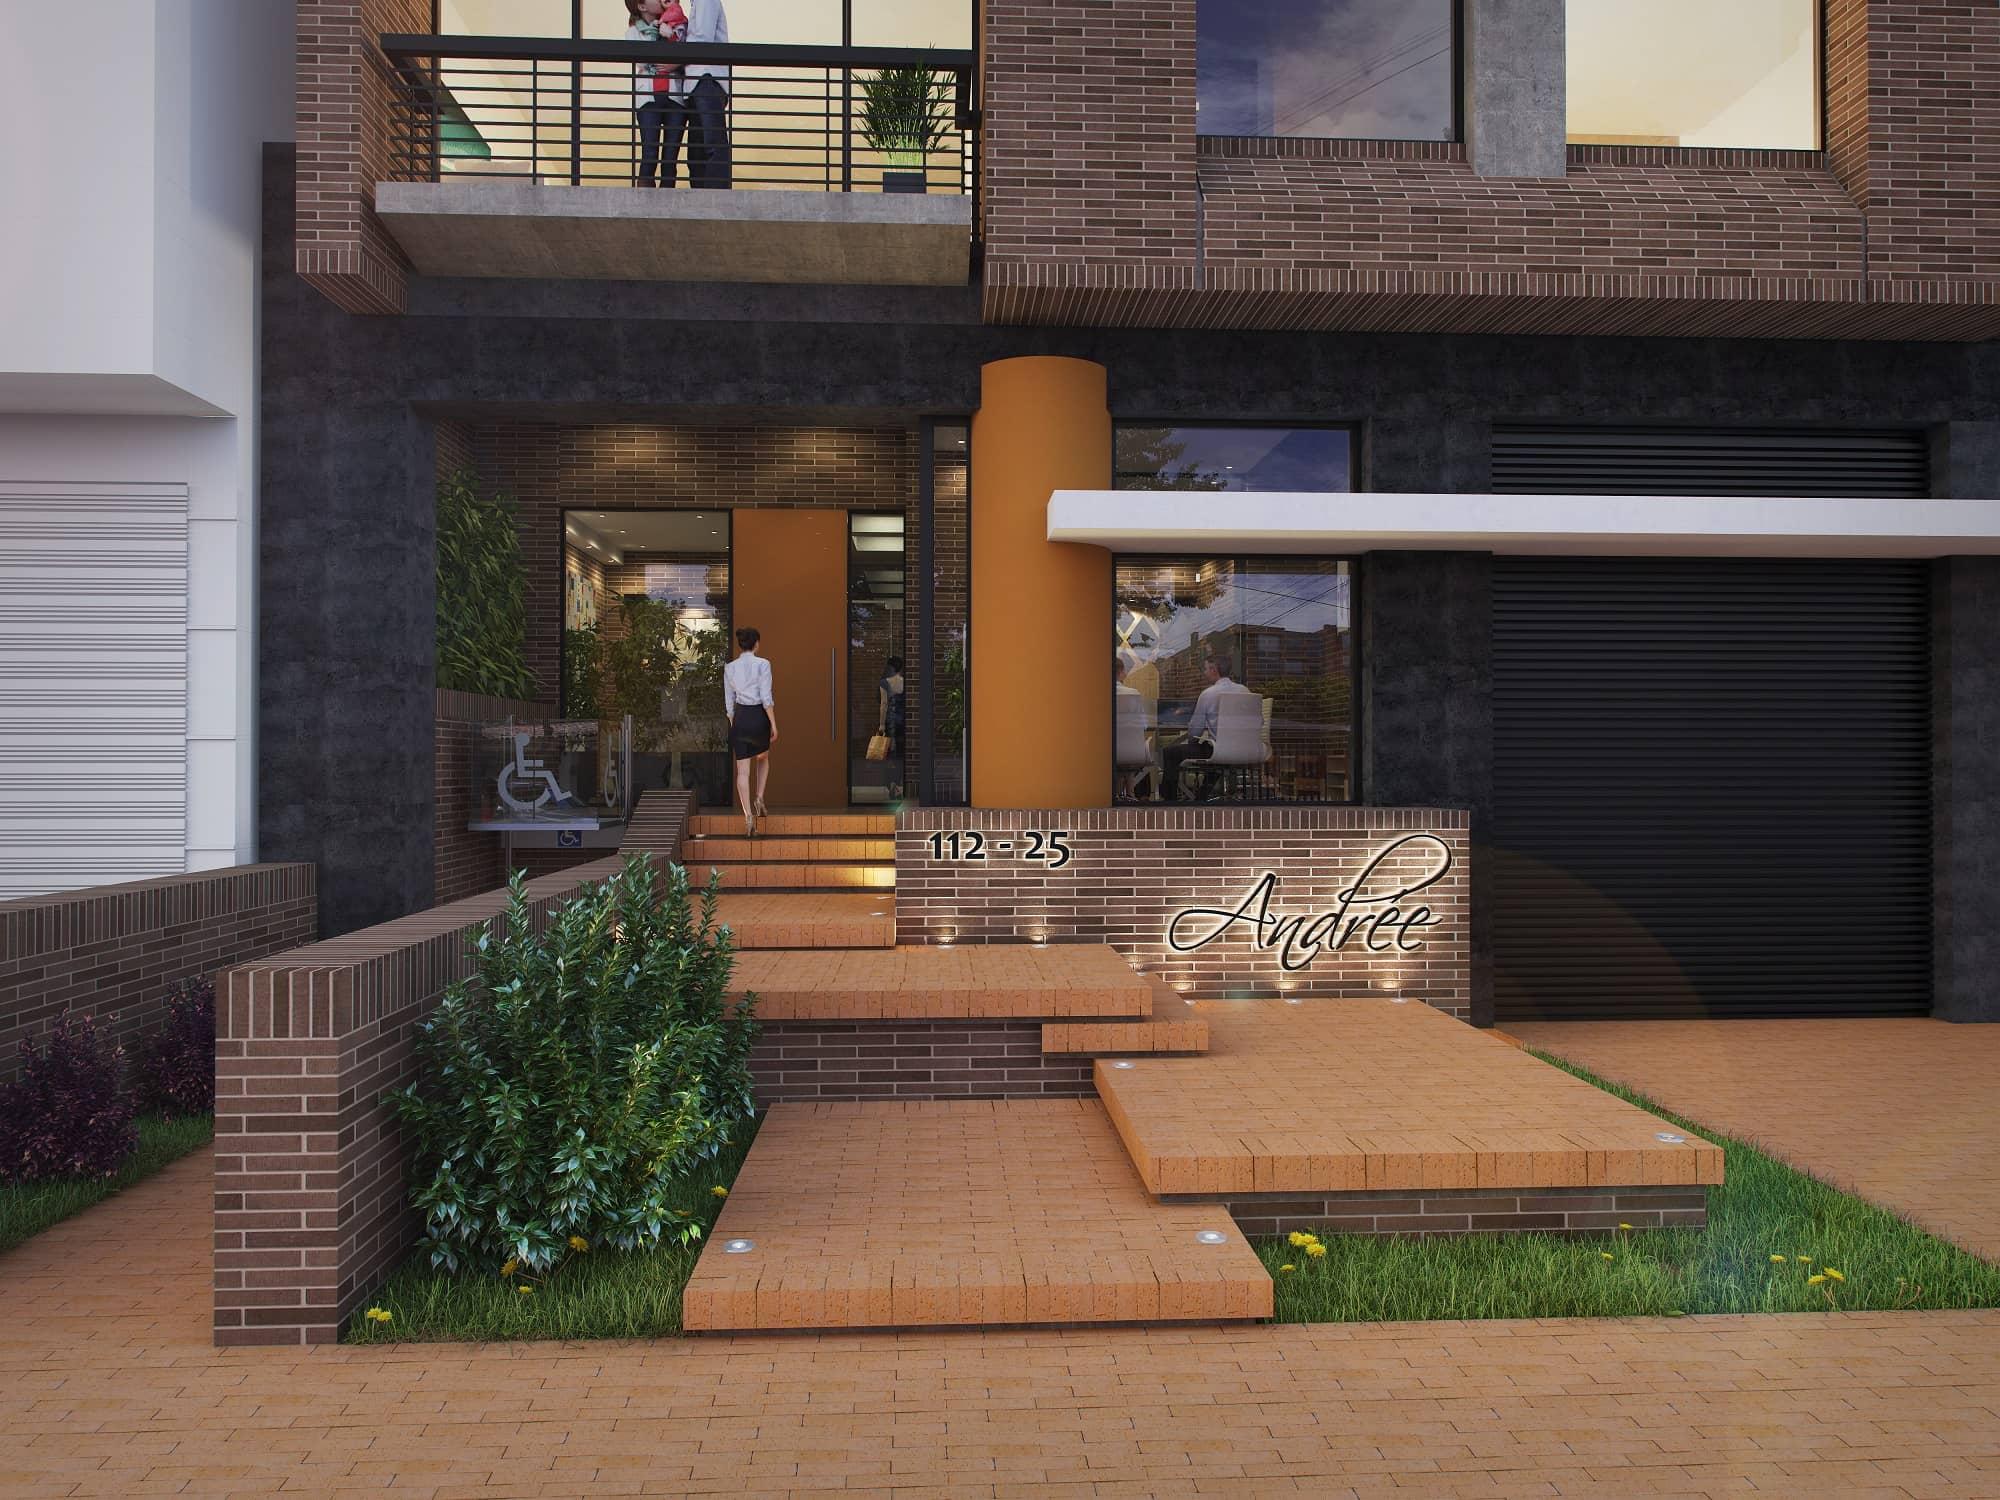 R-Edificio Andree_Exterior Ingreso_2K_RGB